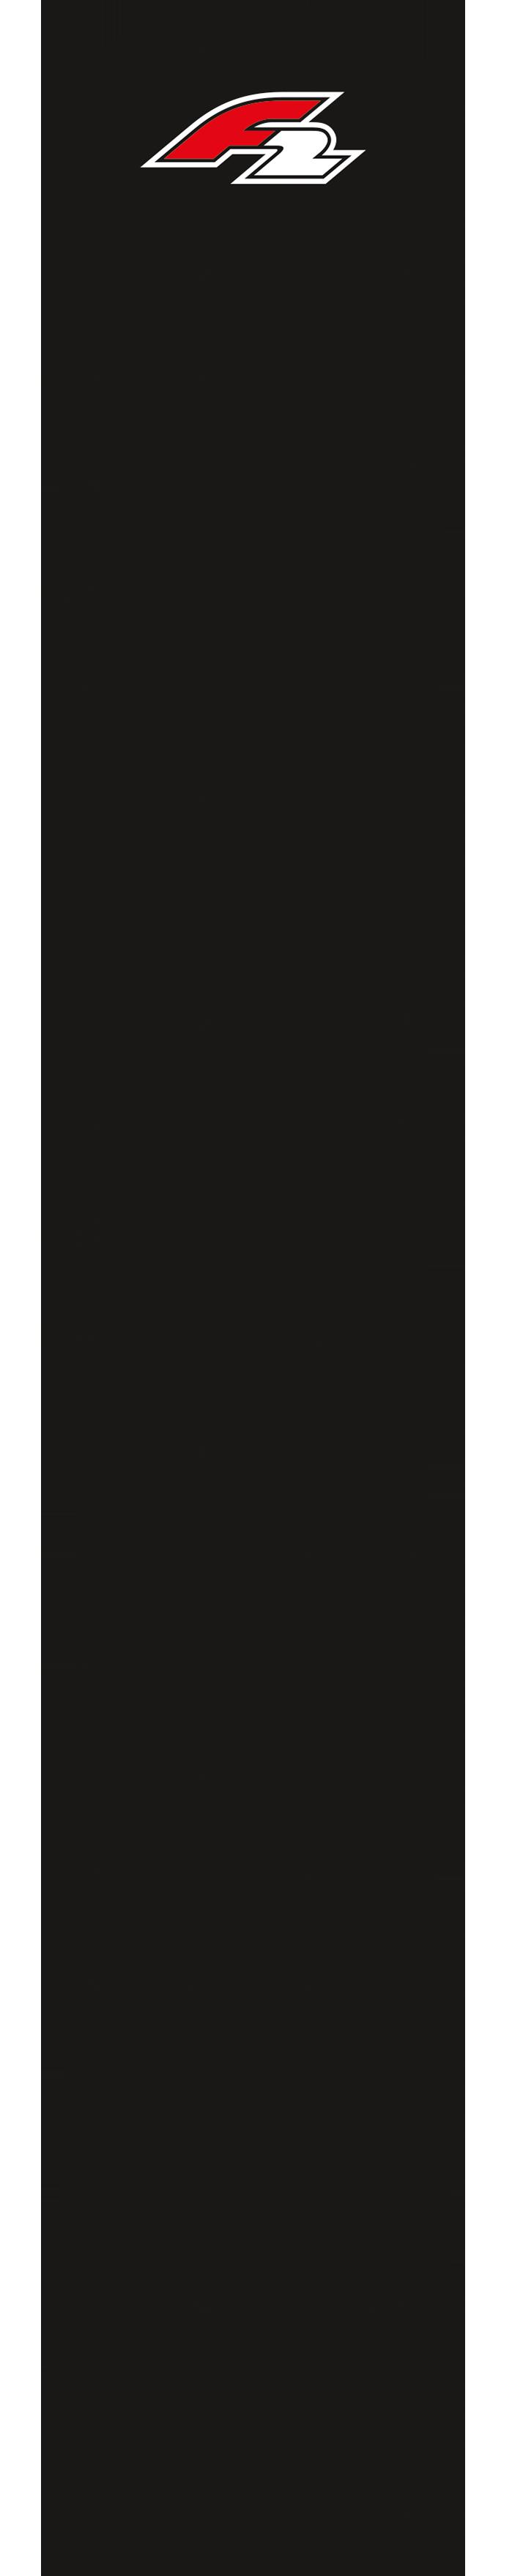 SILBERPFEIL VANTAGE - Base